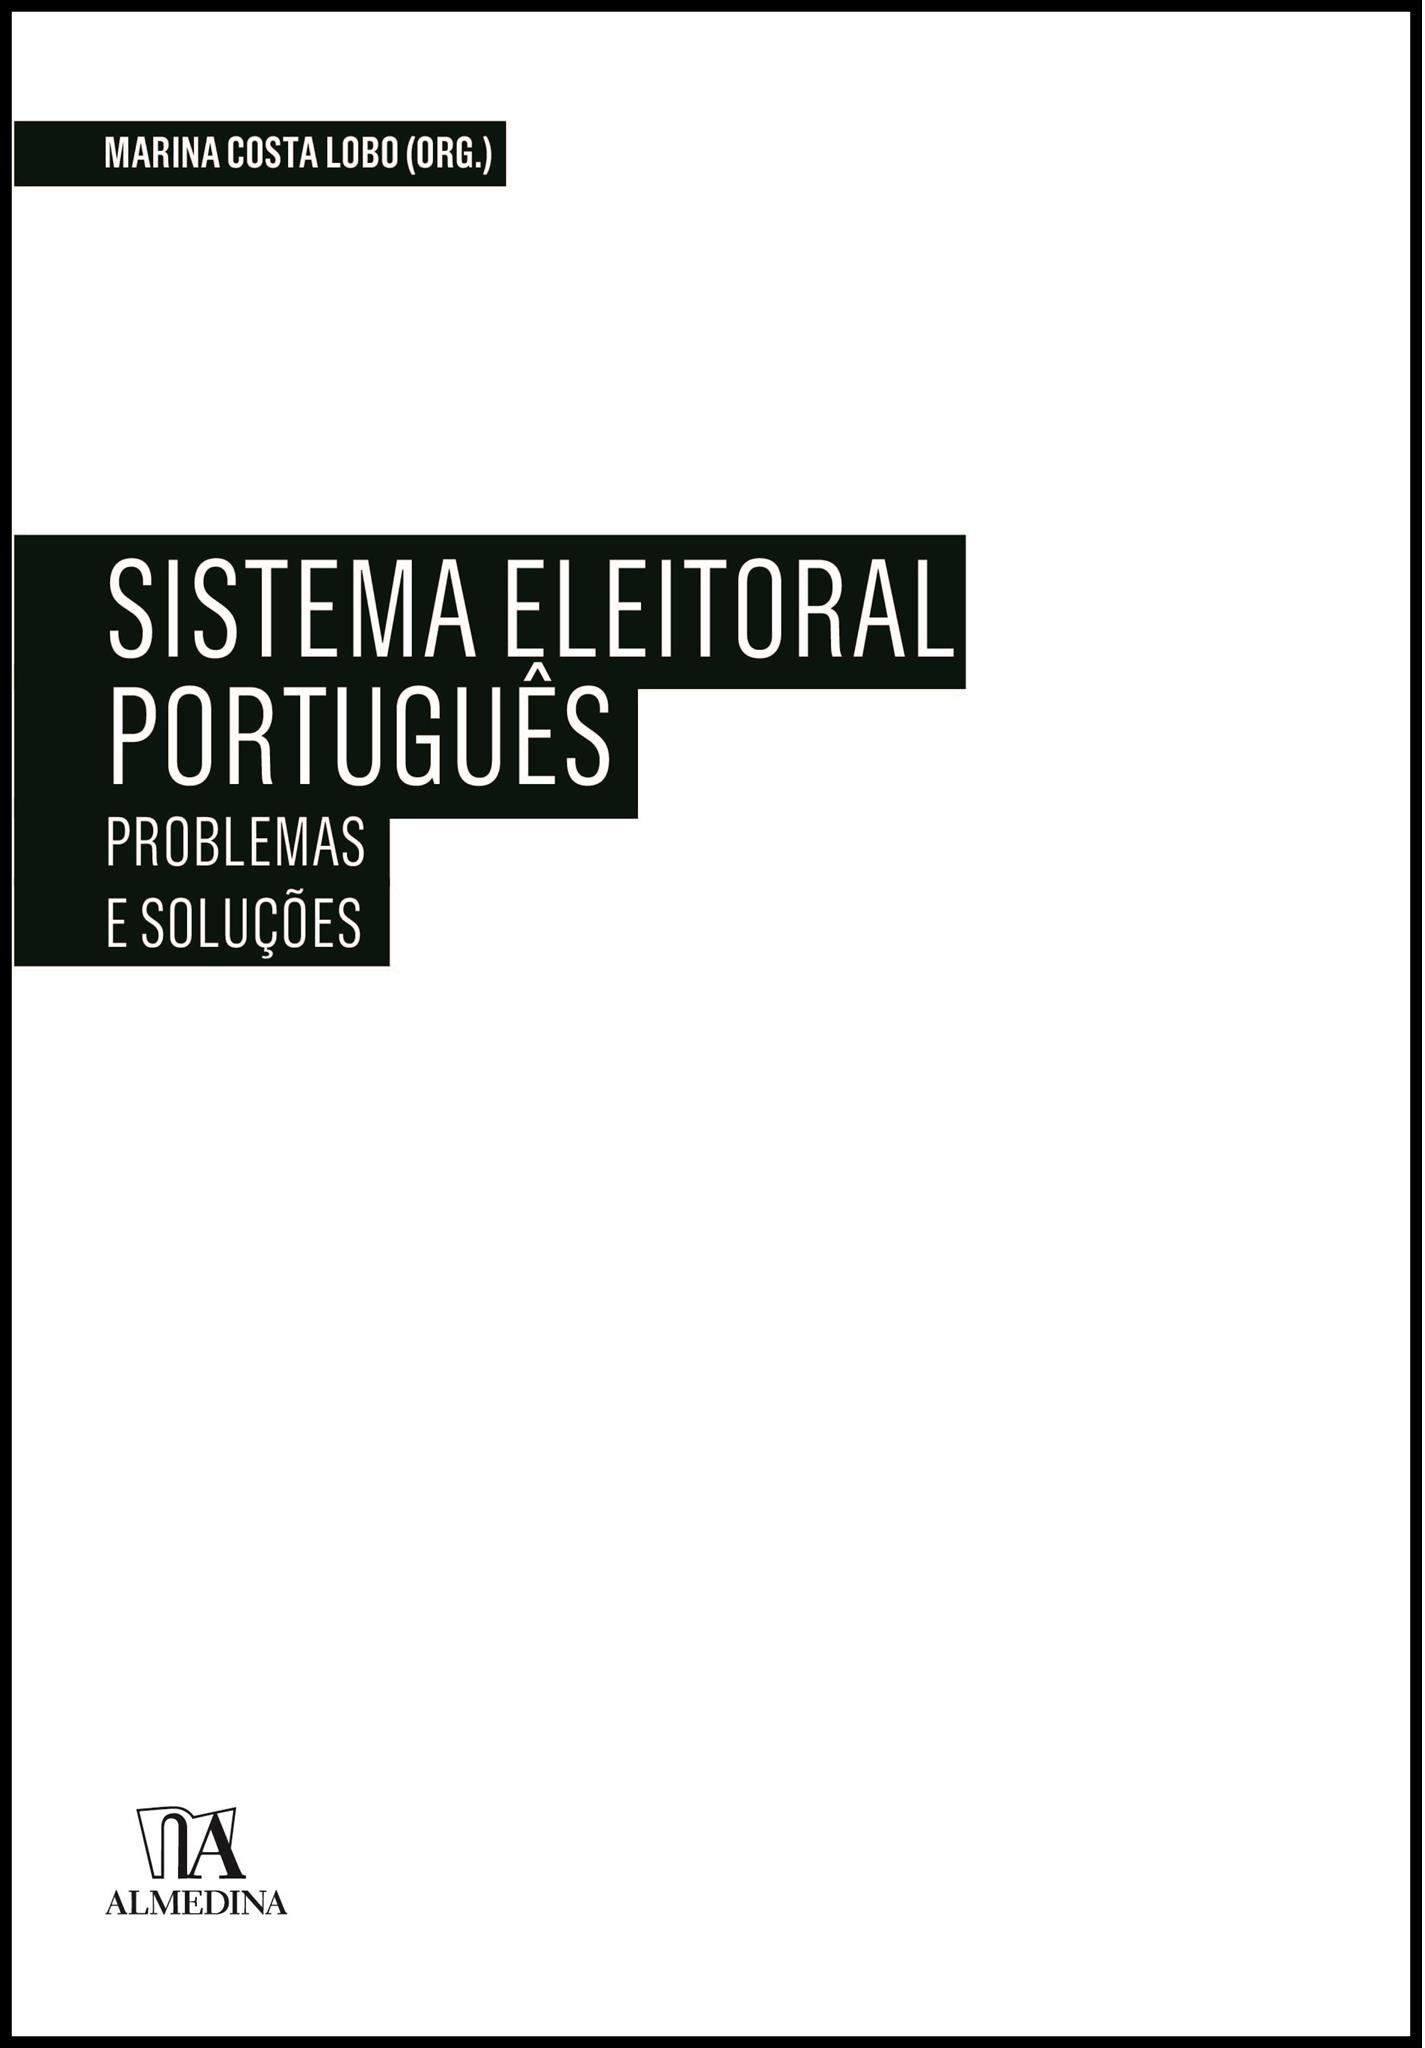 Sistema Eleitoral Português: Problemas e Soluções